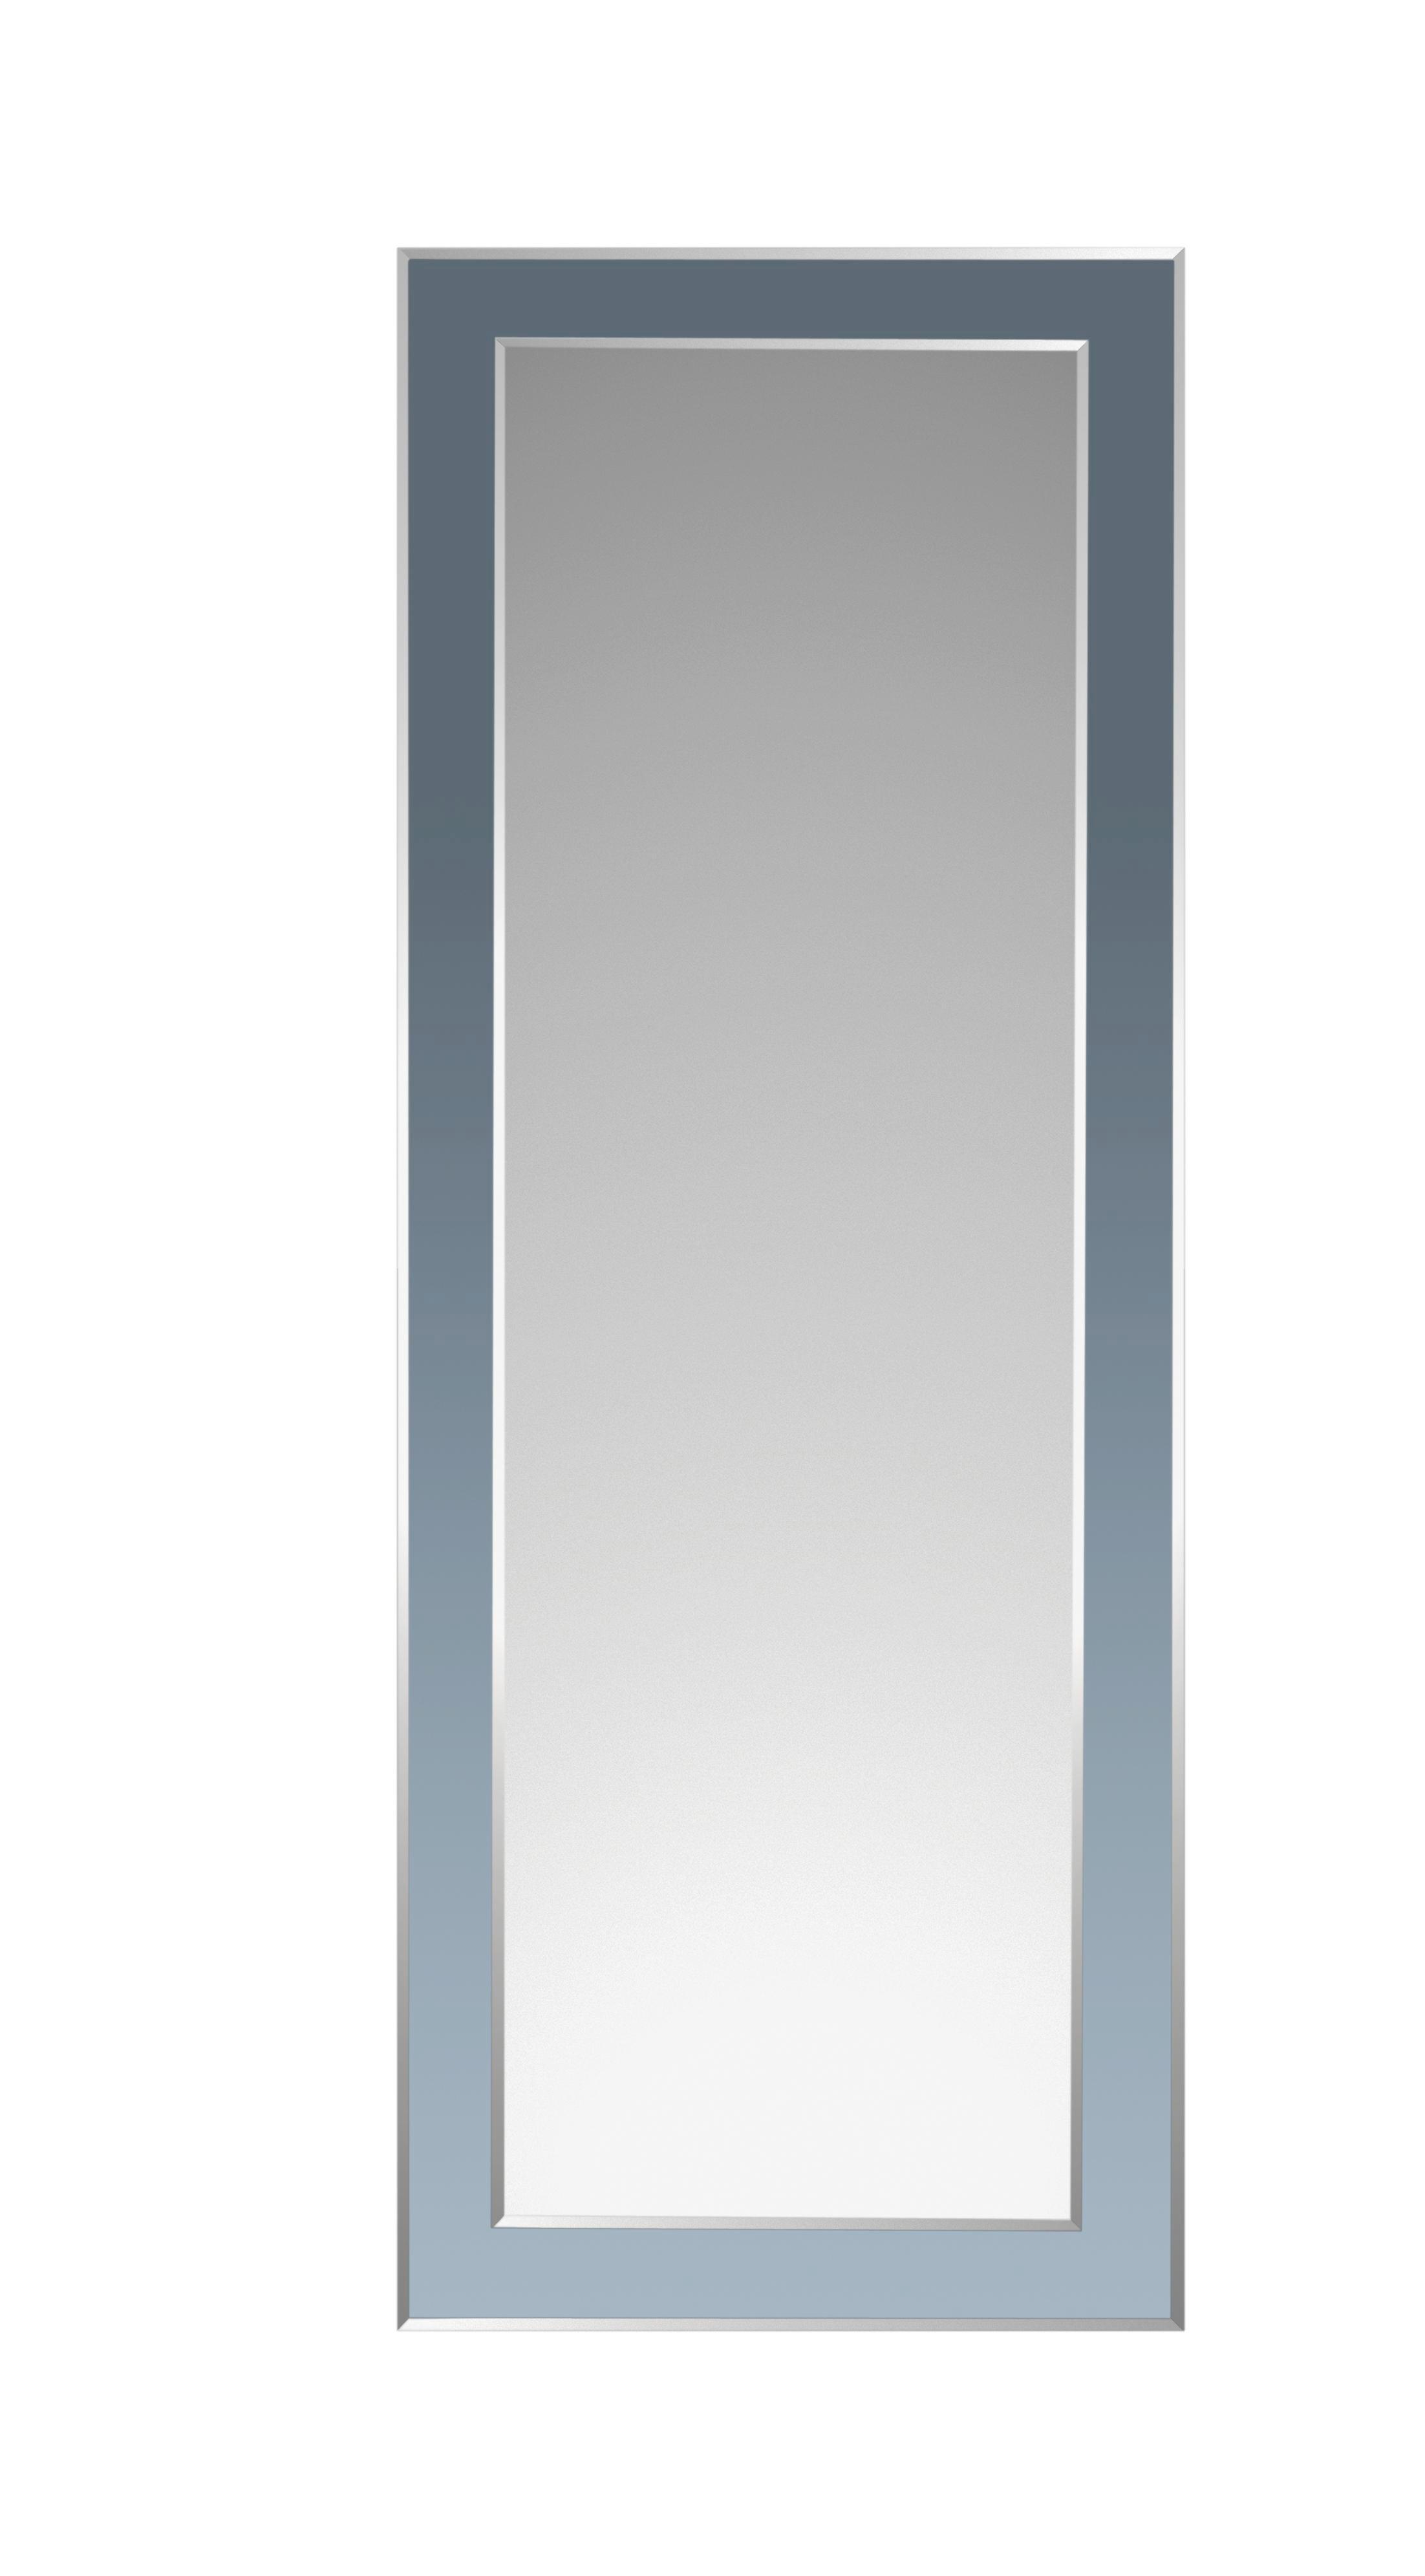 SPIEGEL - Silberfarben/Schwarz, Design, Glas (60/160/1,5cm) - BOXXX